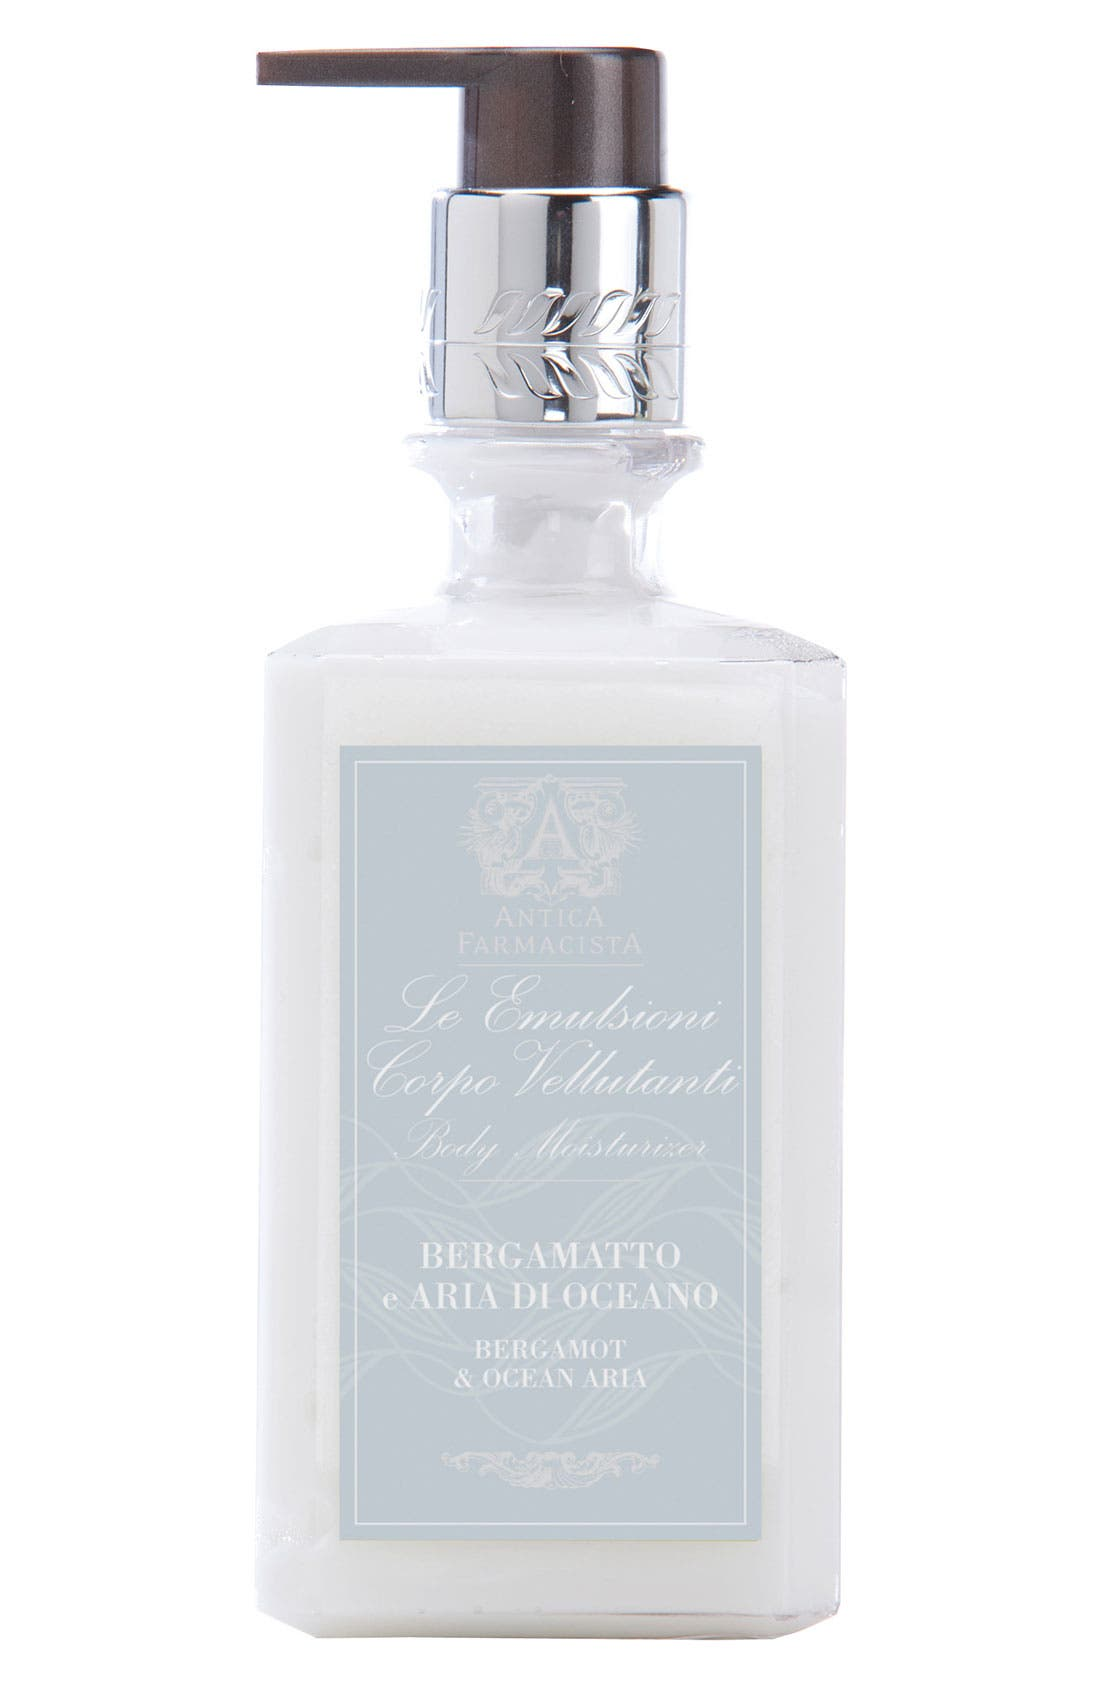 Antica Farmacista 'Bergamot & Ocean Aria' Body Moisturizer